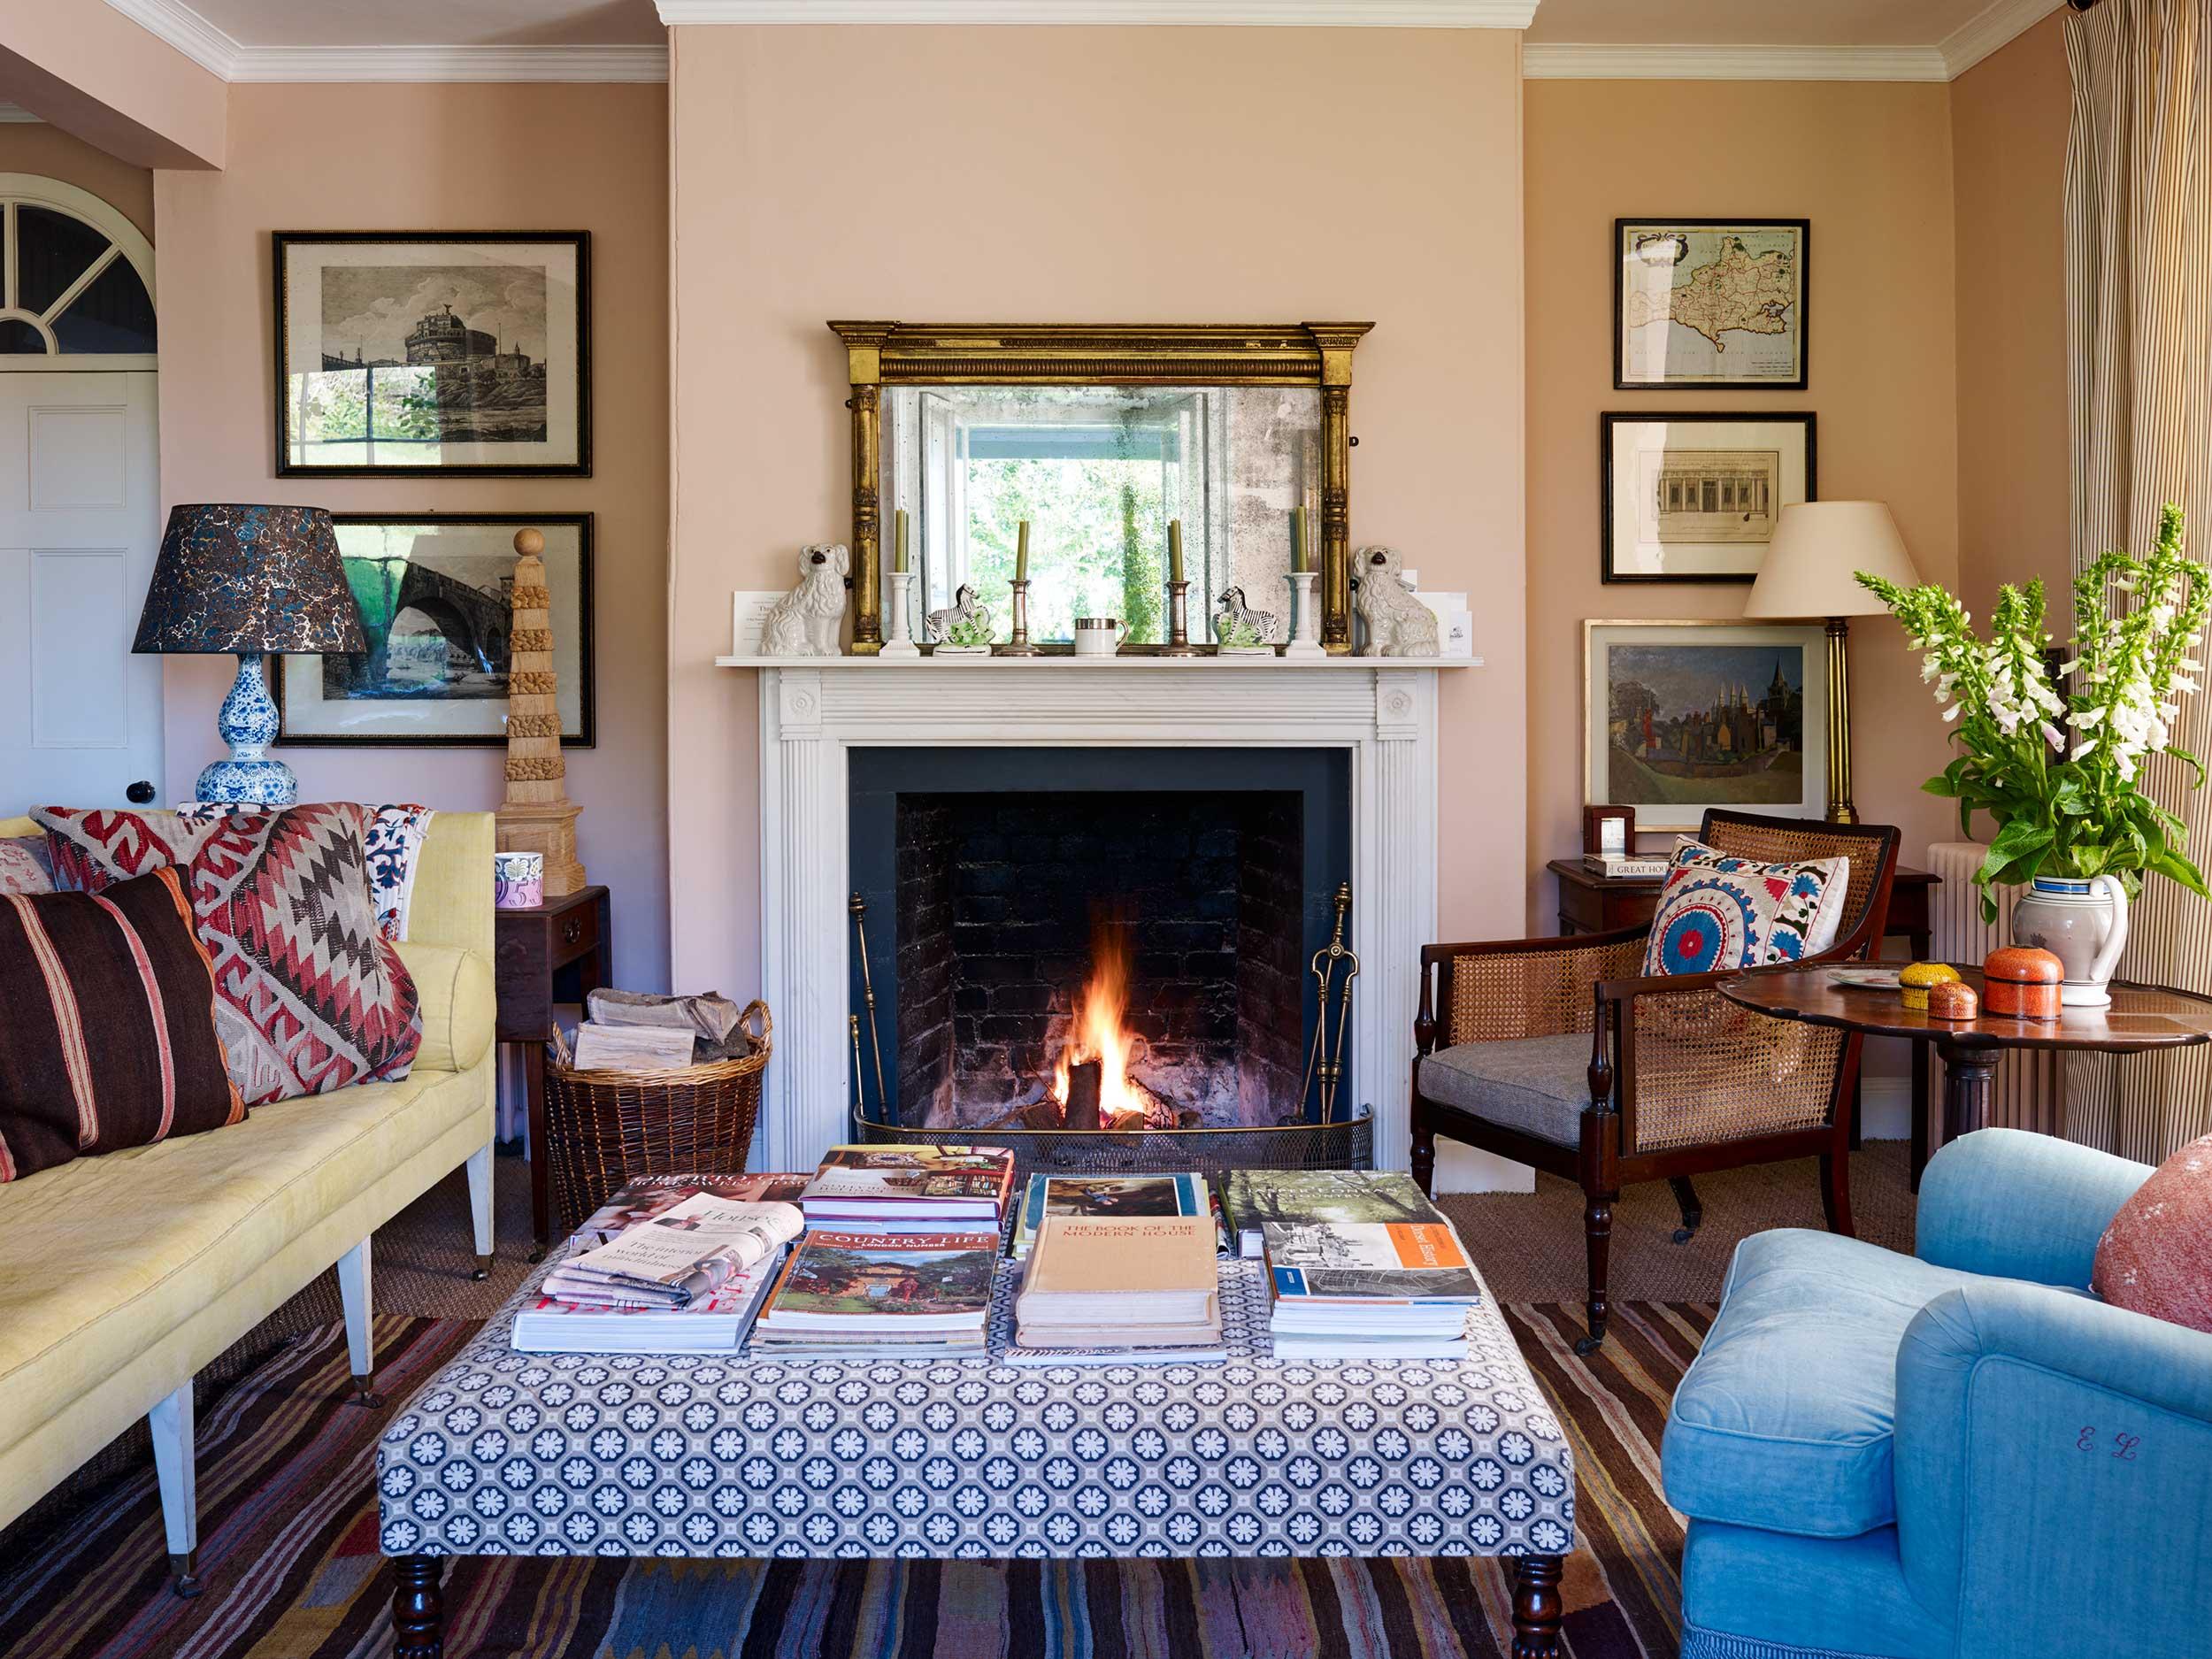 Casa em Dorset de Ben Pentreath e Charlie McCormick